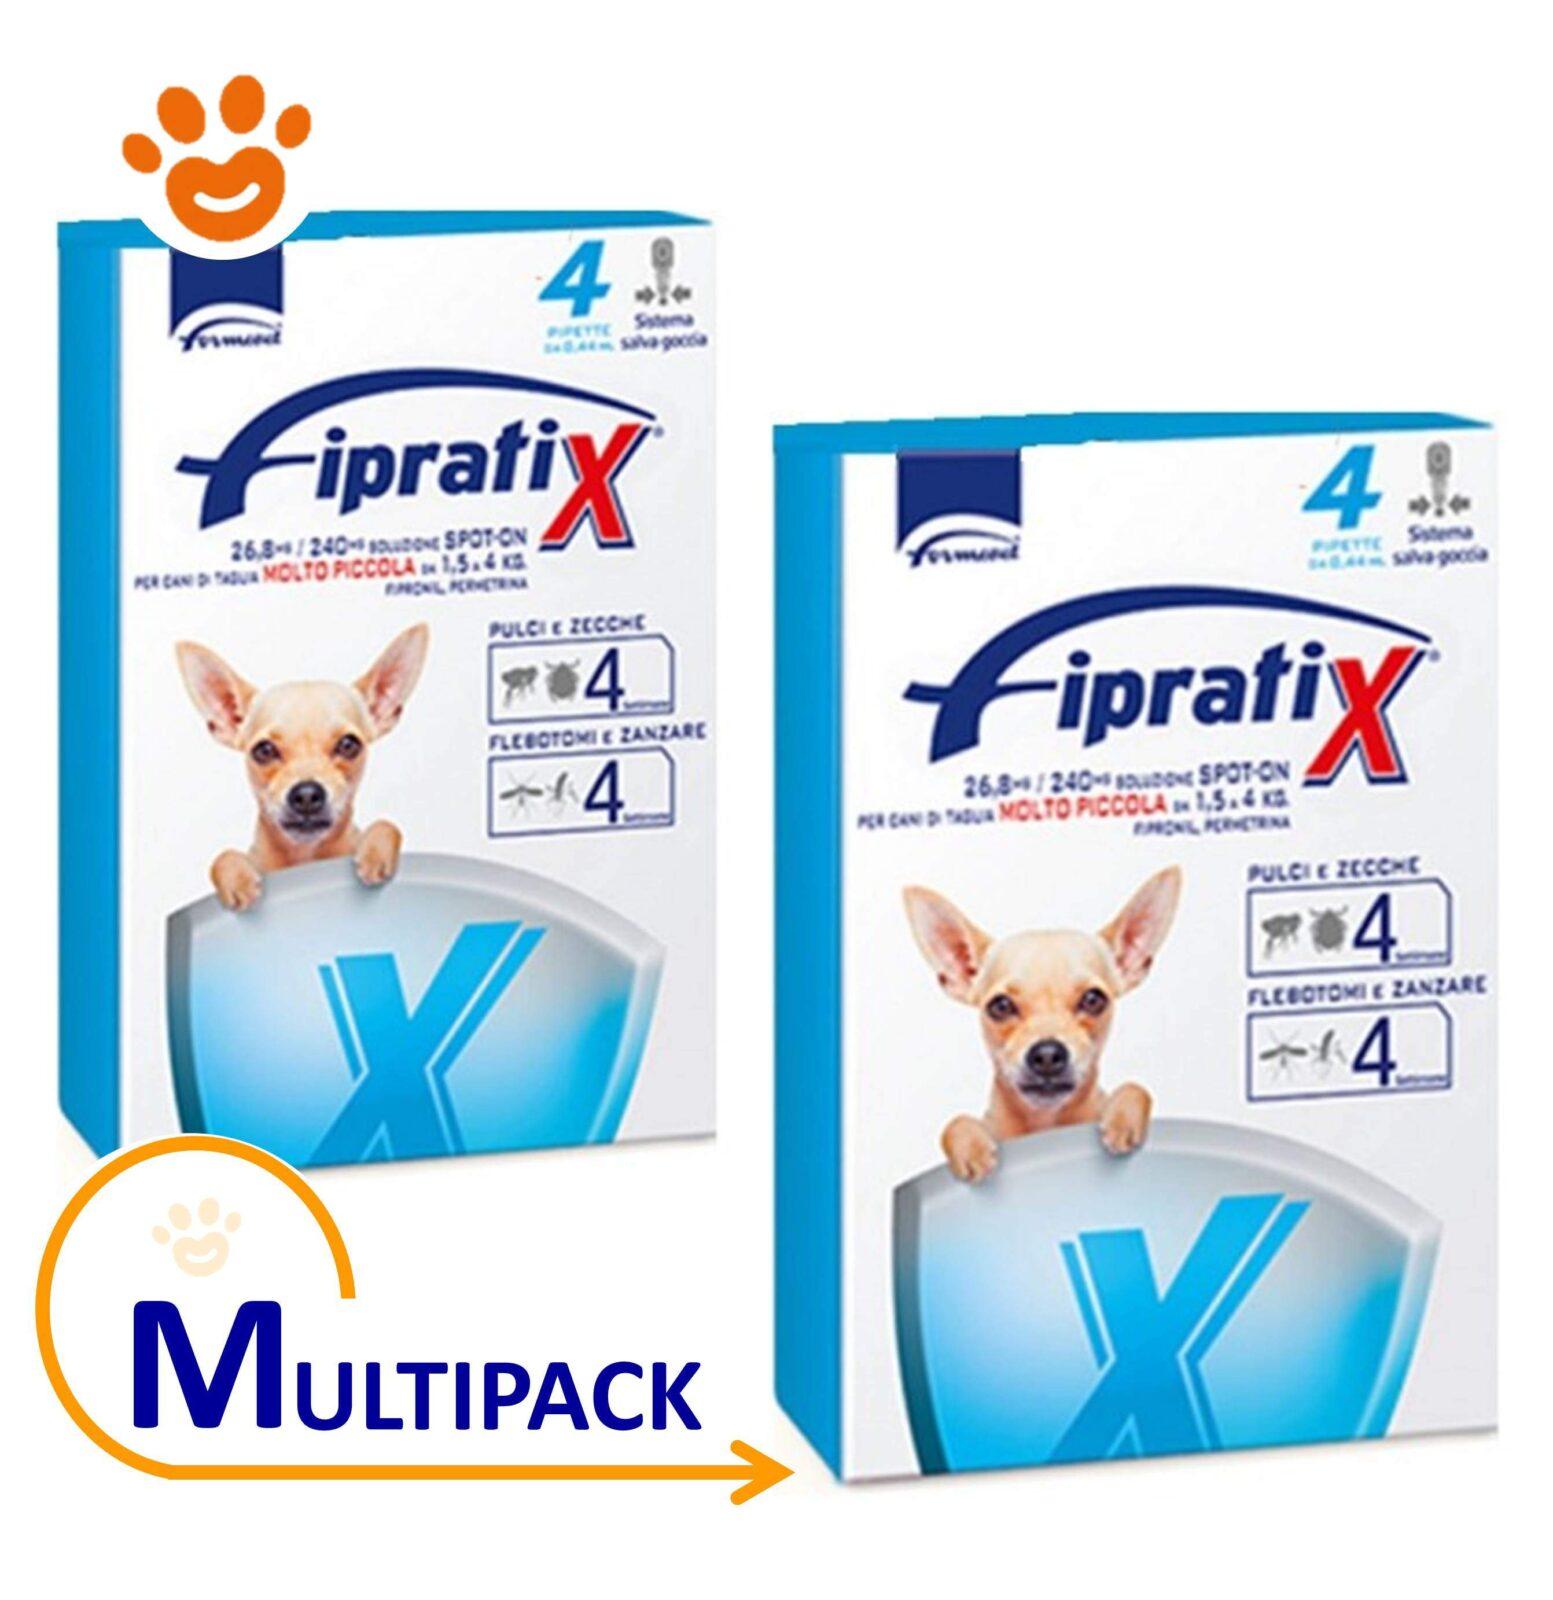 Fipratix per cani da 1 5 4 kg di taglia molto piccola for Nomi per cagnolini di piccola taglia